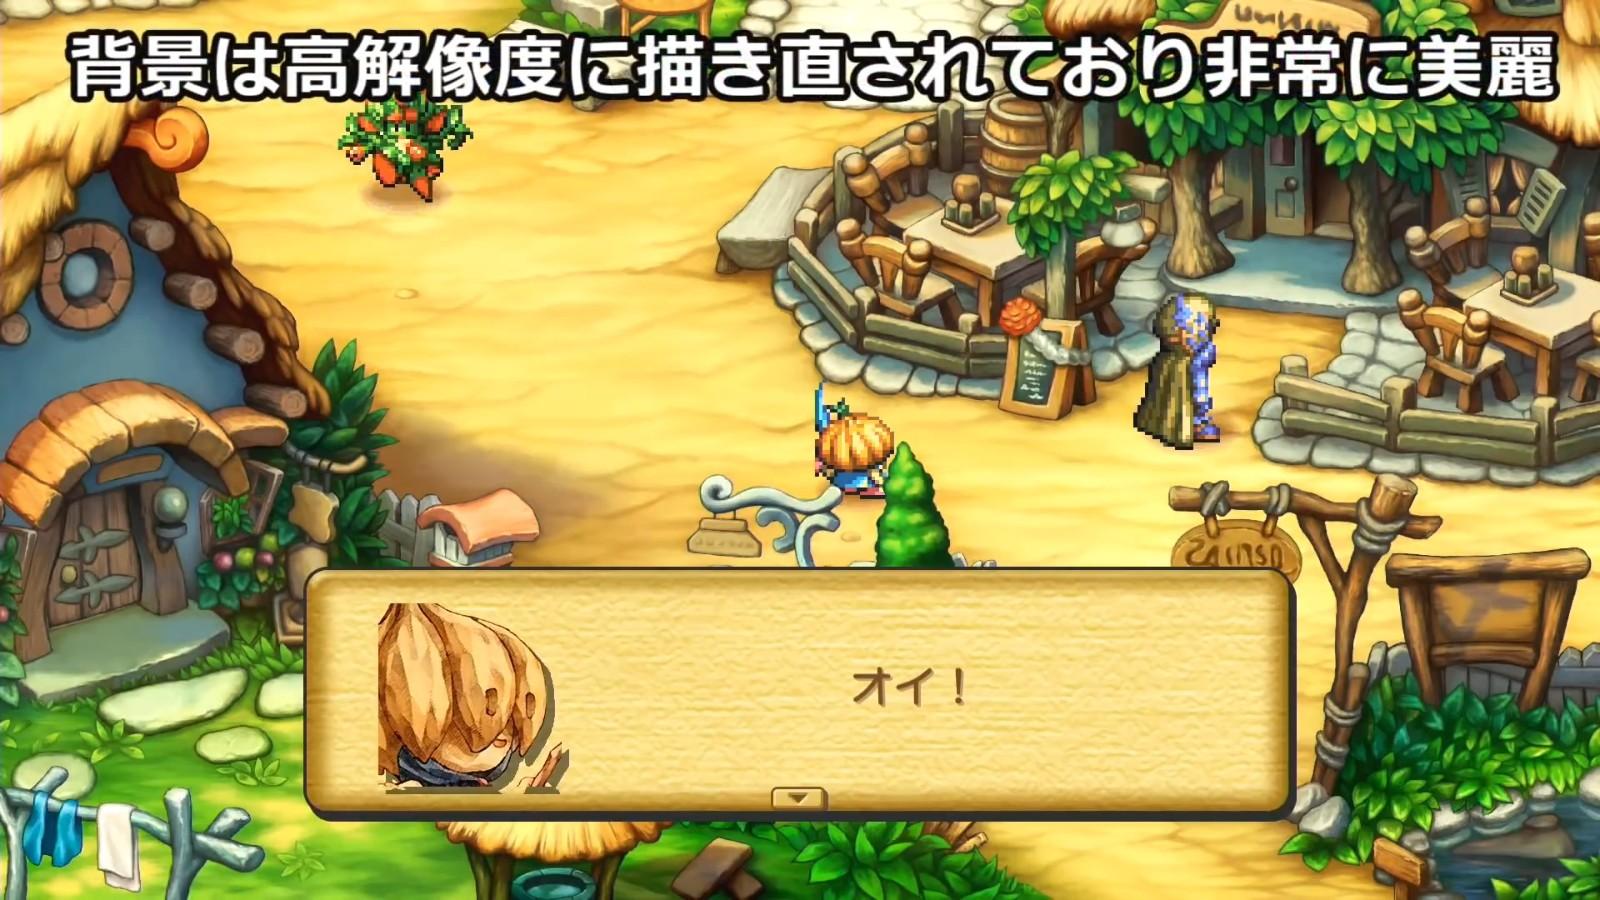 《圣剑传说:玛娜传奇》高清版全新演示 6月24日发售